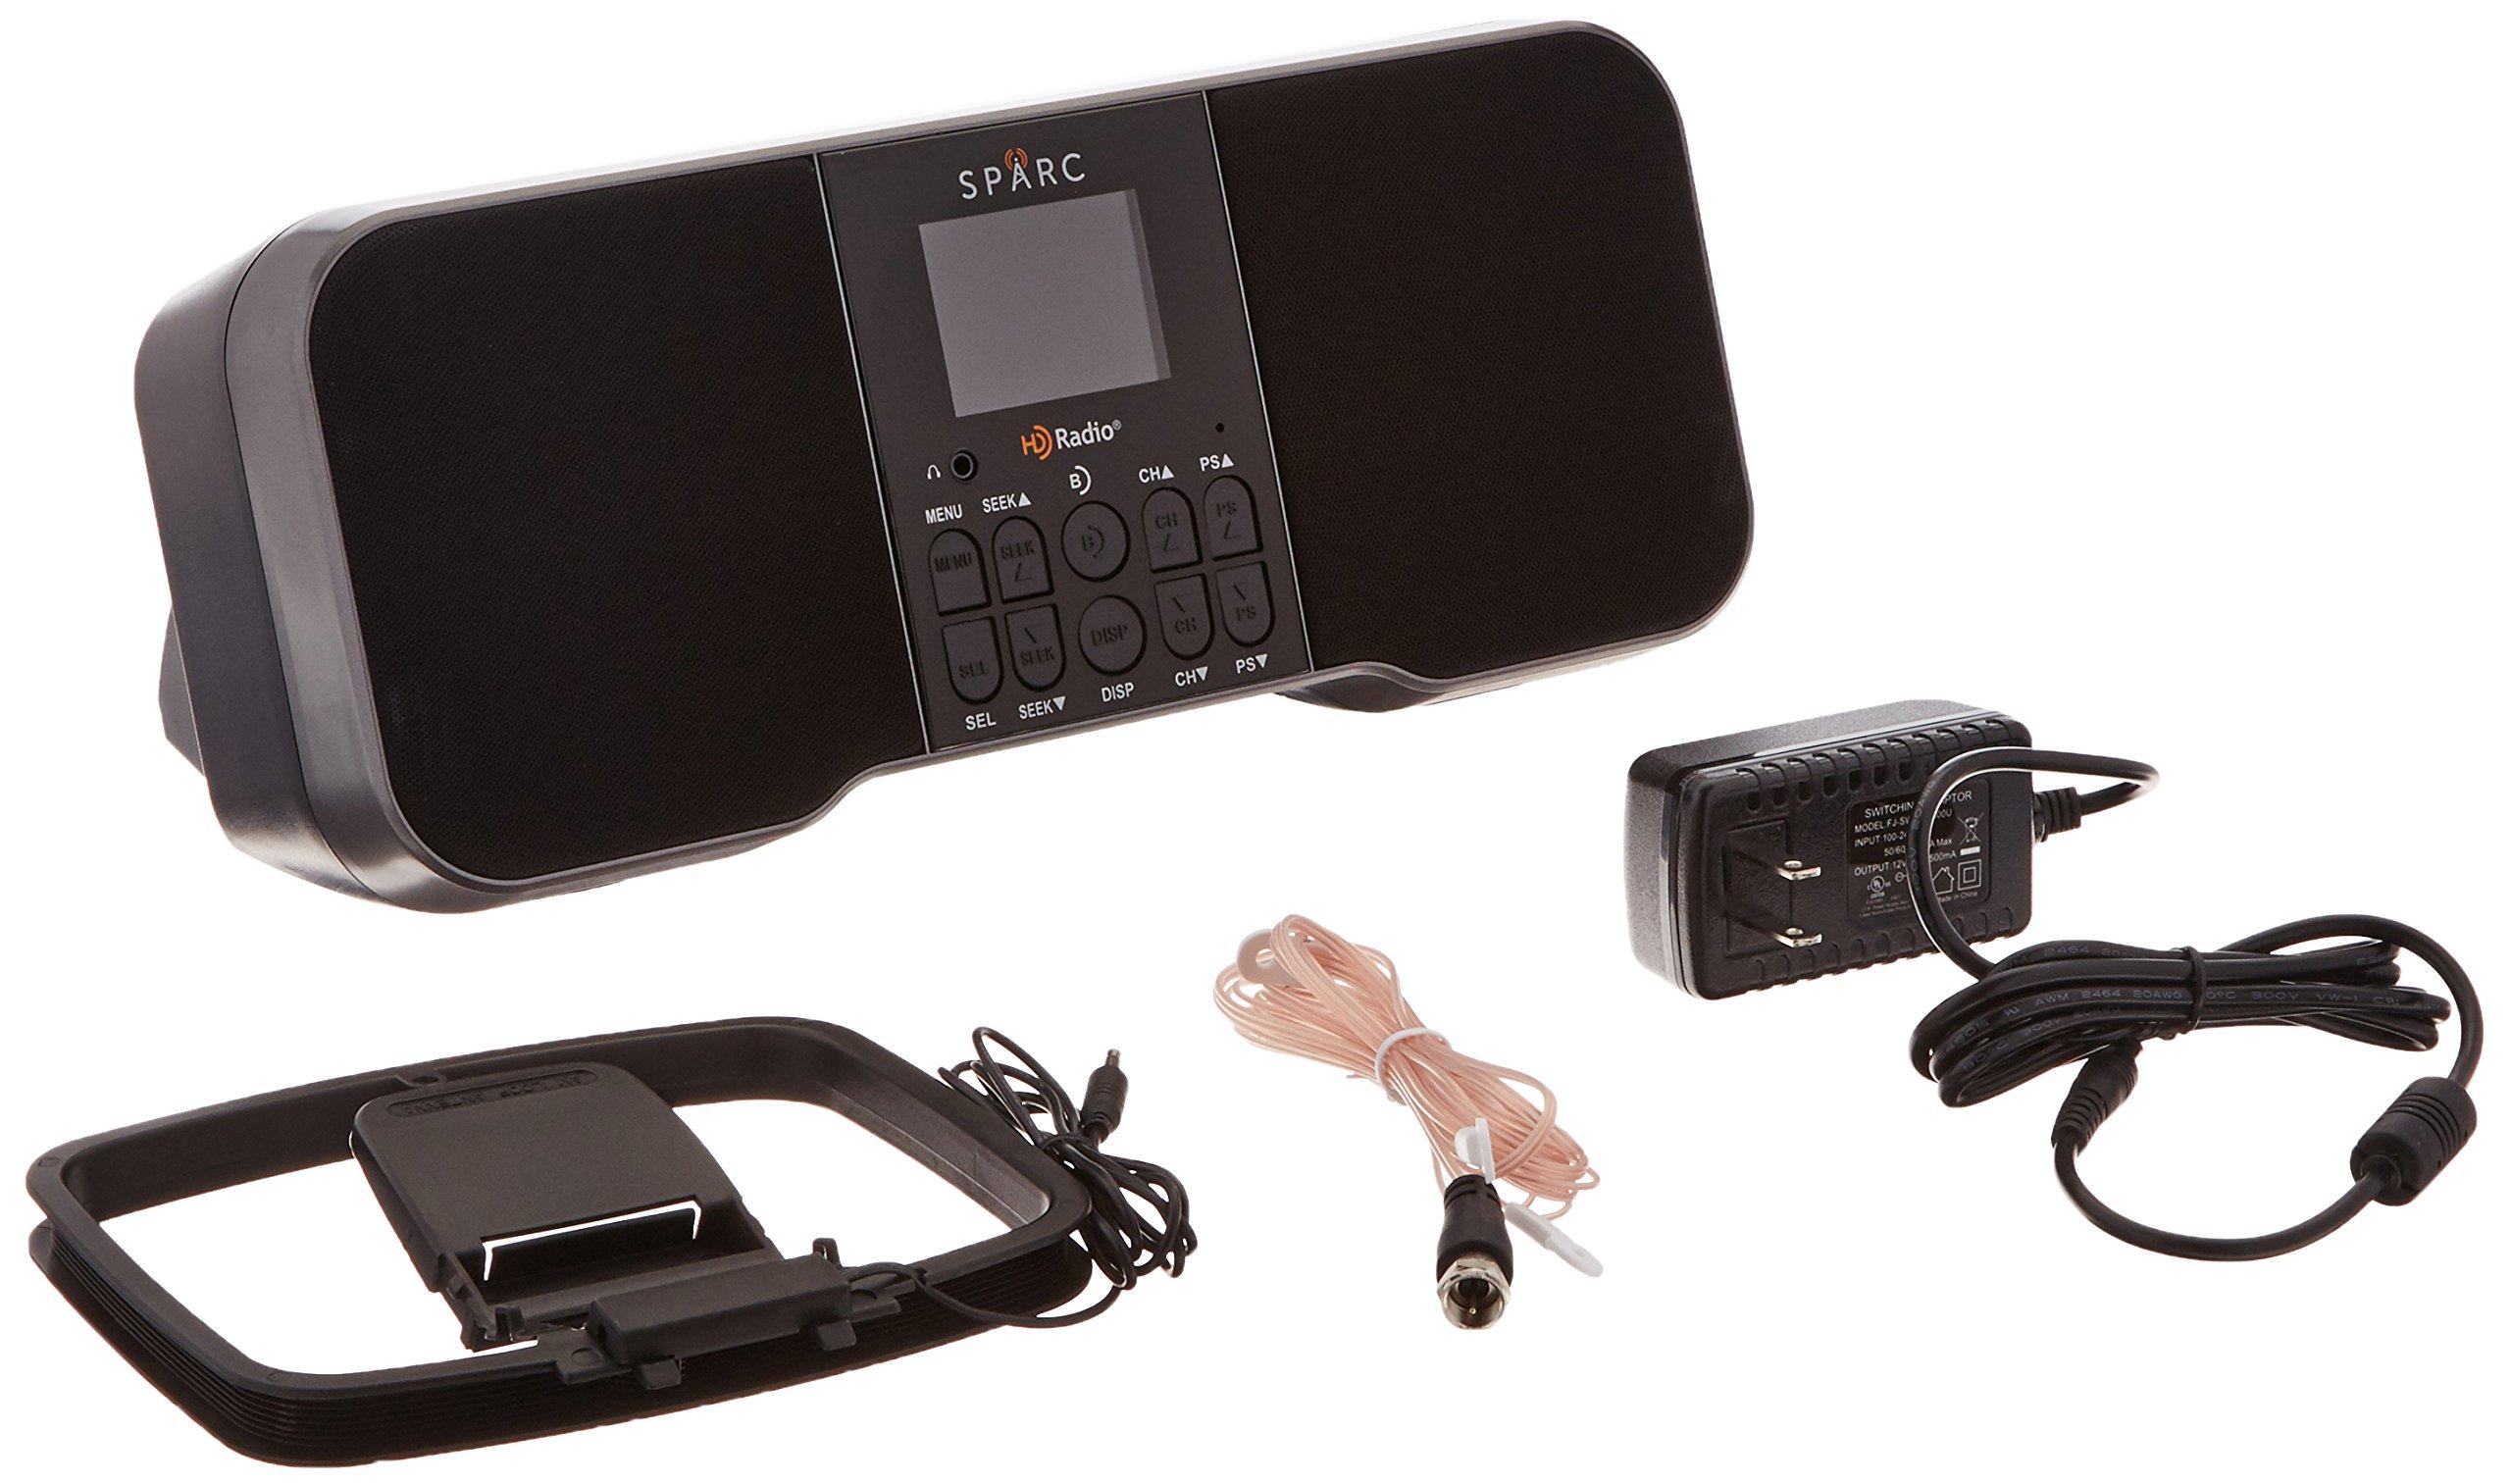 SPARC HD Radio H159SHD-T86000150  Table Top AM/FM Radio with Alarm